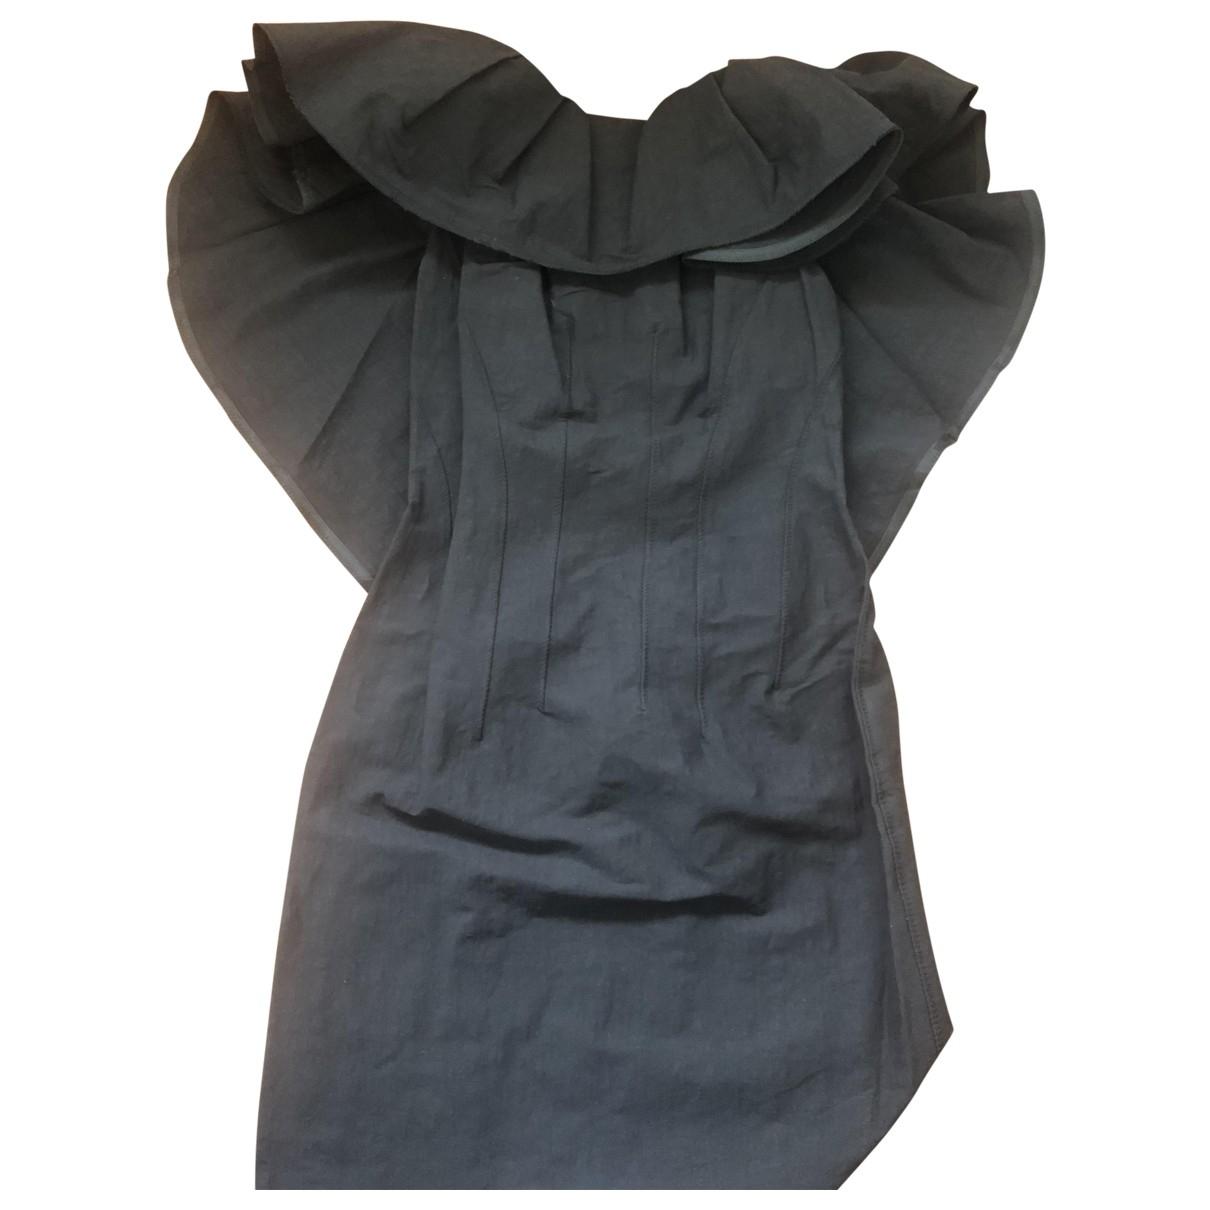 Lanvin \N Black Linen dress for Women 36 FR